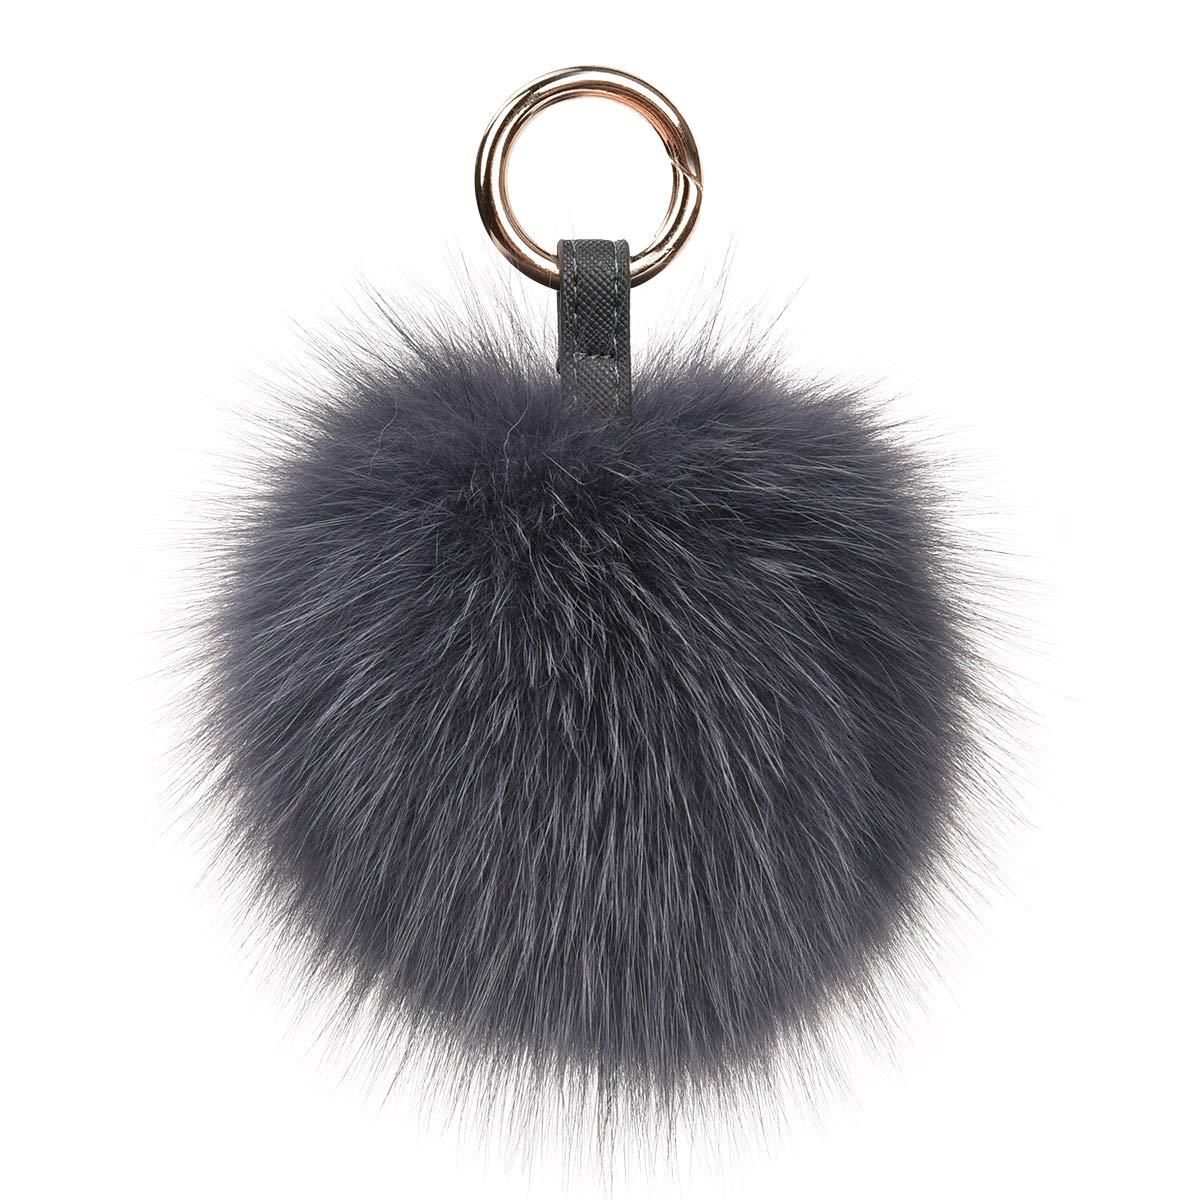 Deep Grey Genuine Fox Fur Pom Pom Keychain Bag Purse Charm large Fluffy Fur Ball Keychains